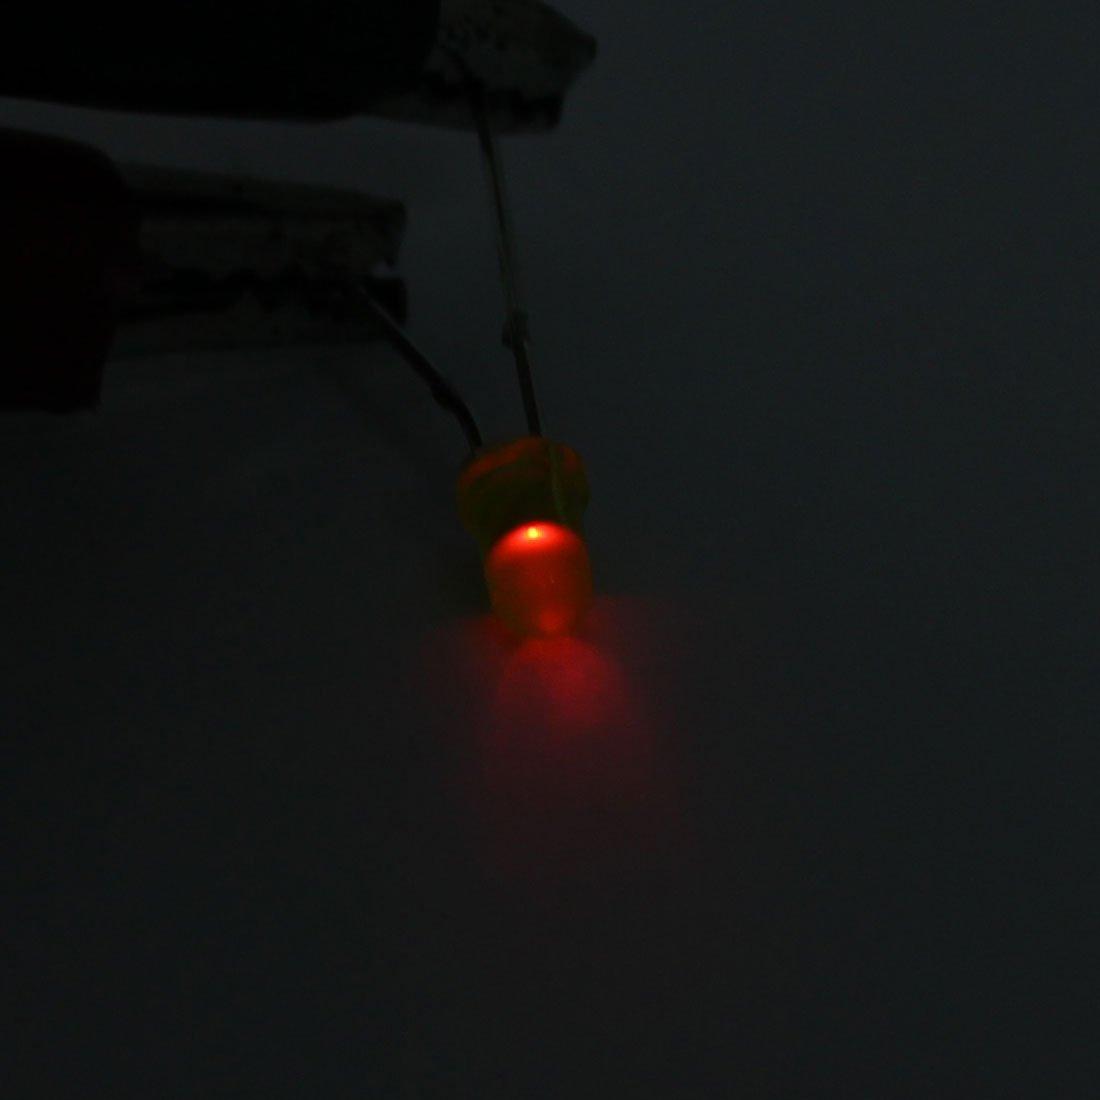 3 mm LED Verte Fresh eDealMax Lampe Cap 2 Borne Emitting Diodes frais Green Light